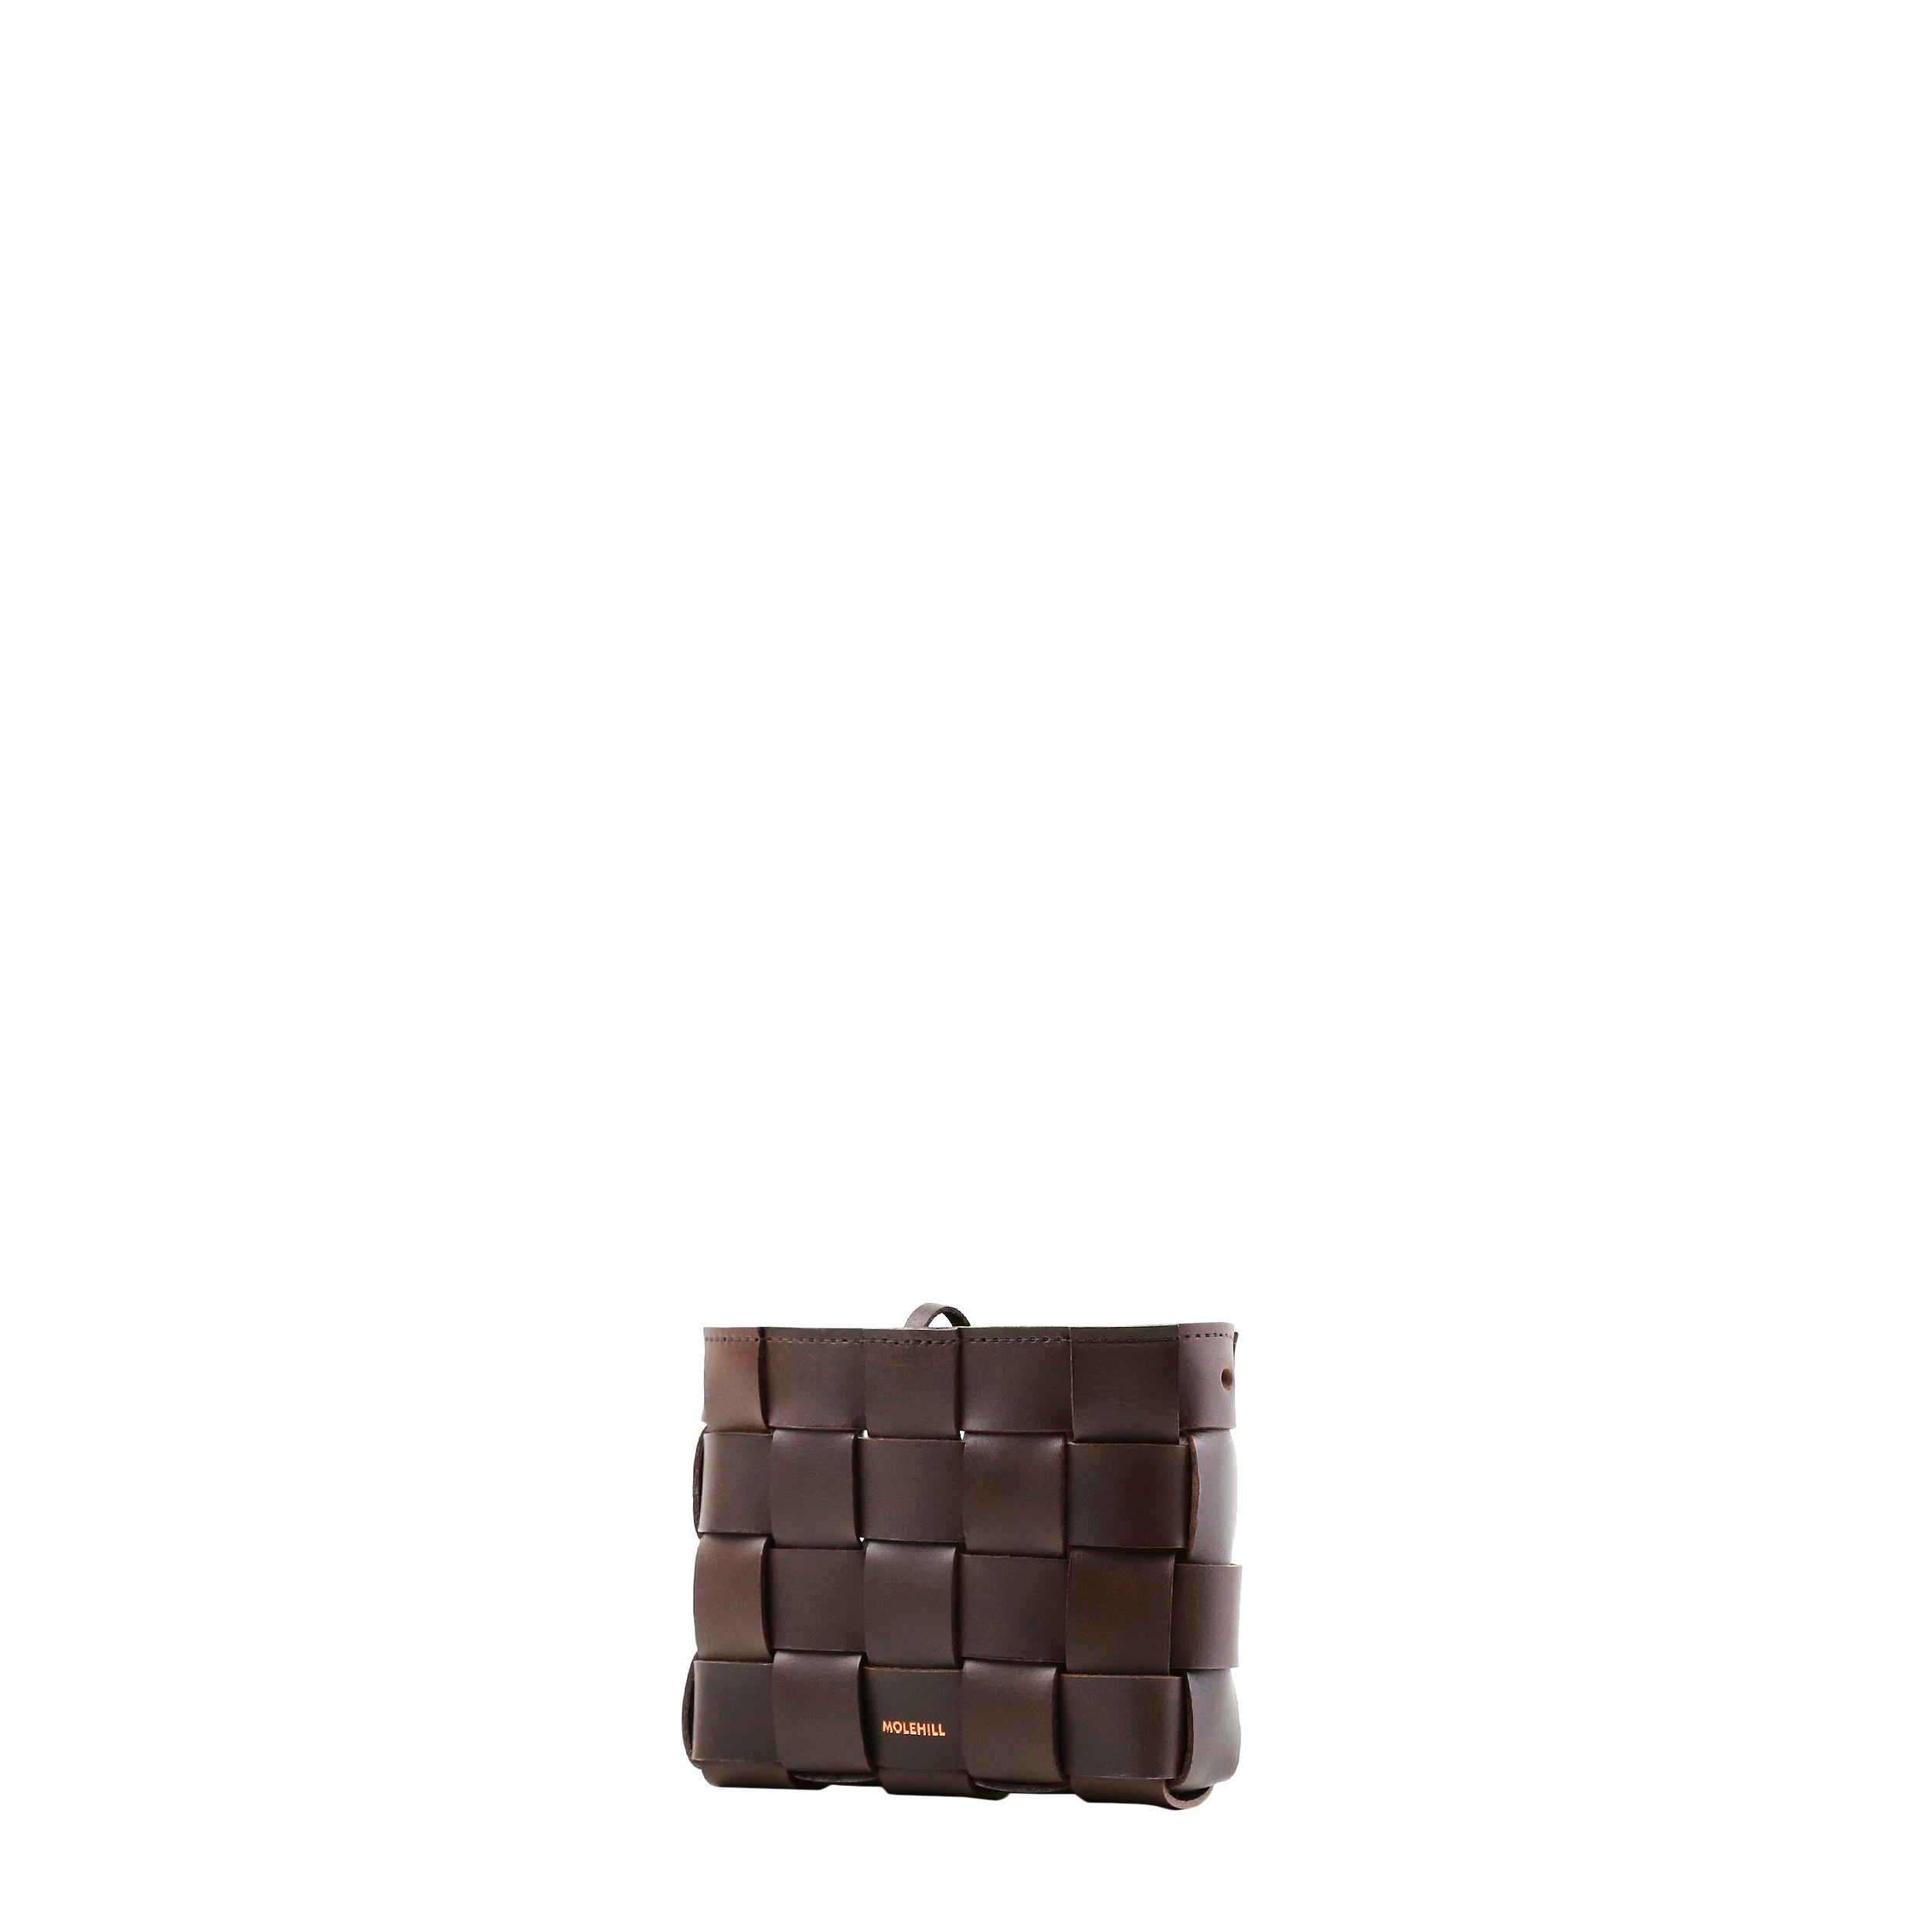 Pane Mini Crossbody Woven Bag Dark Chocolate-3